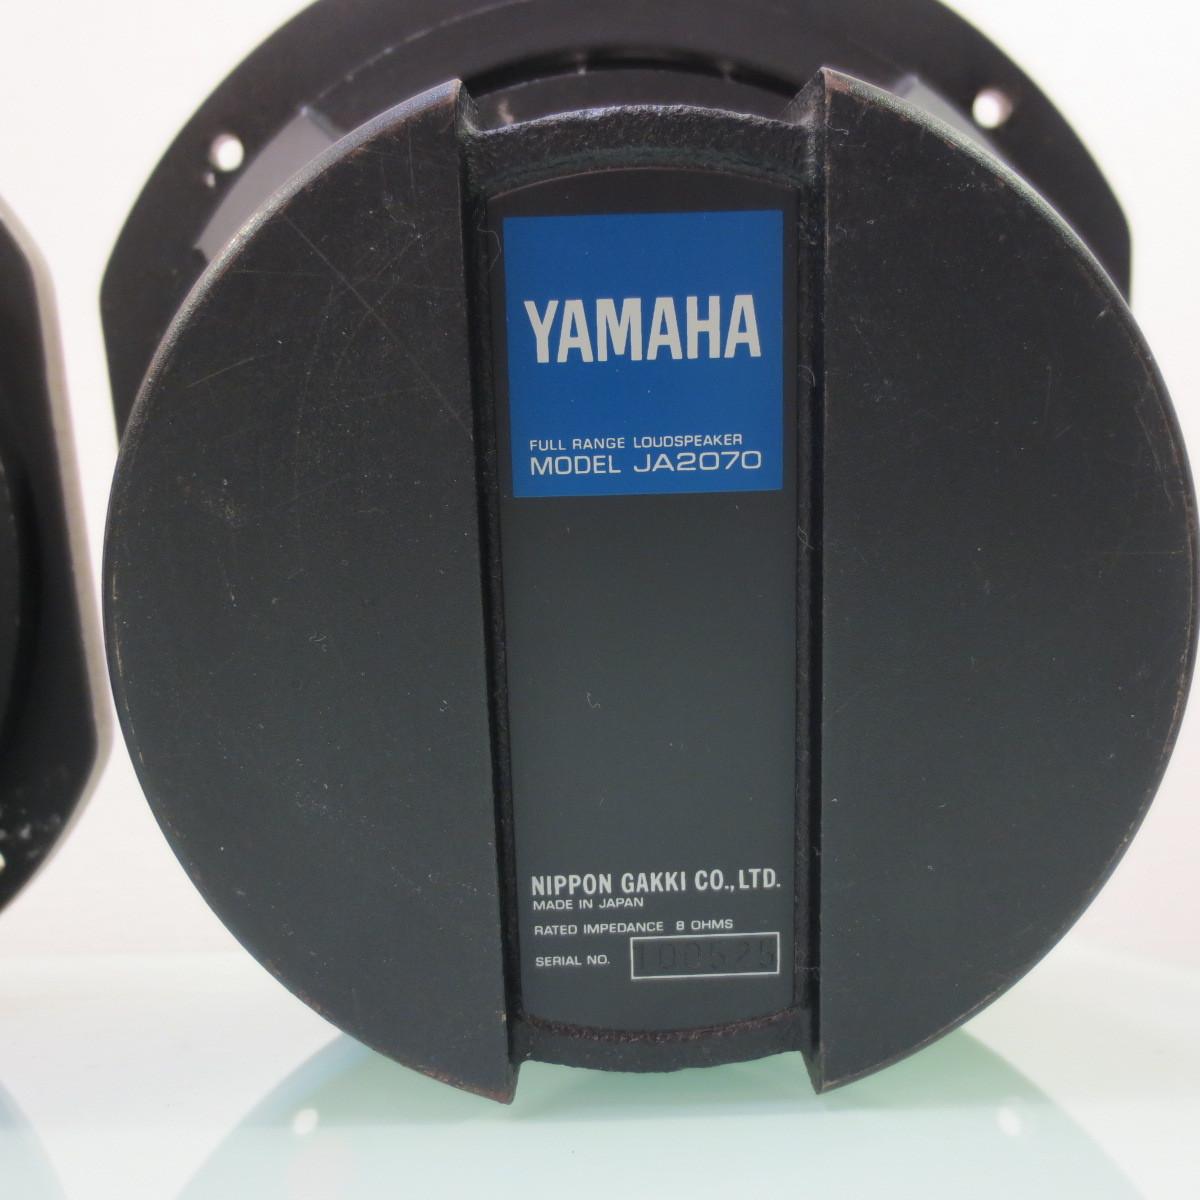 ・【希少 レア】 ヤマハ YAMAHA Model JA-2070 アルニコ フルレンジ ユニット <中古品>_画像8